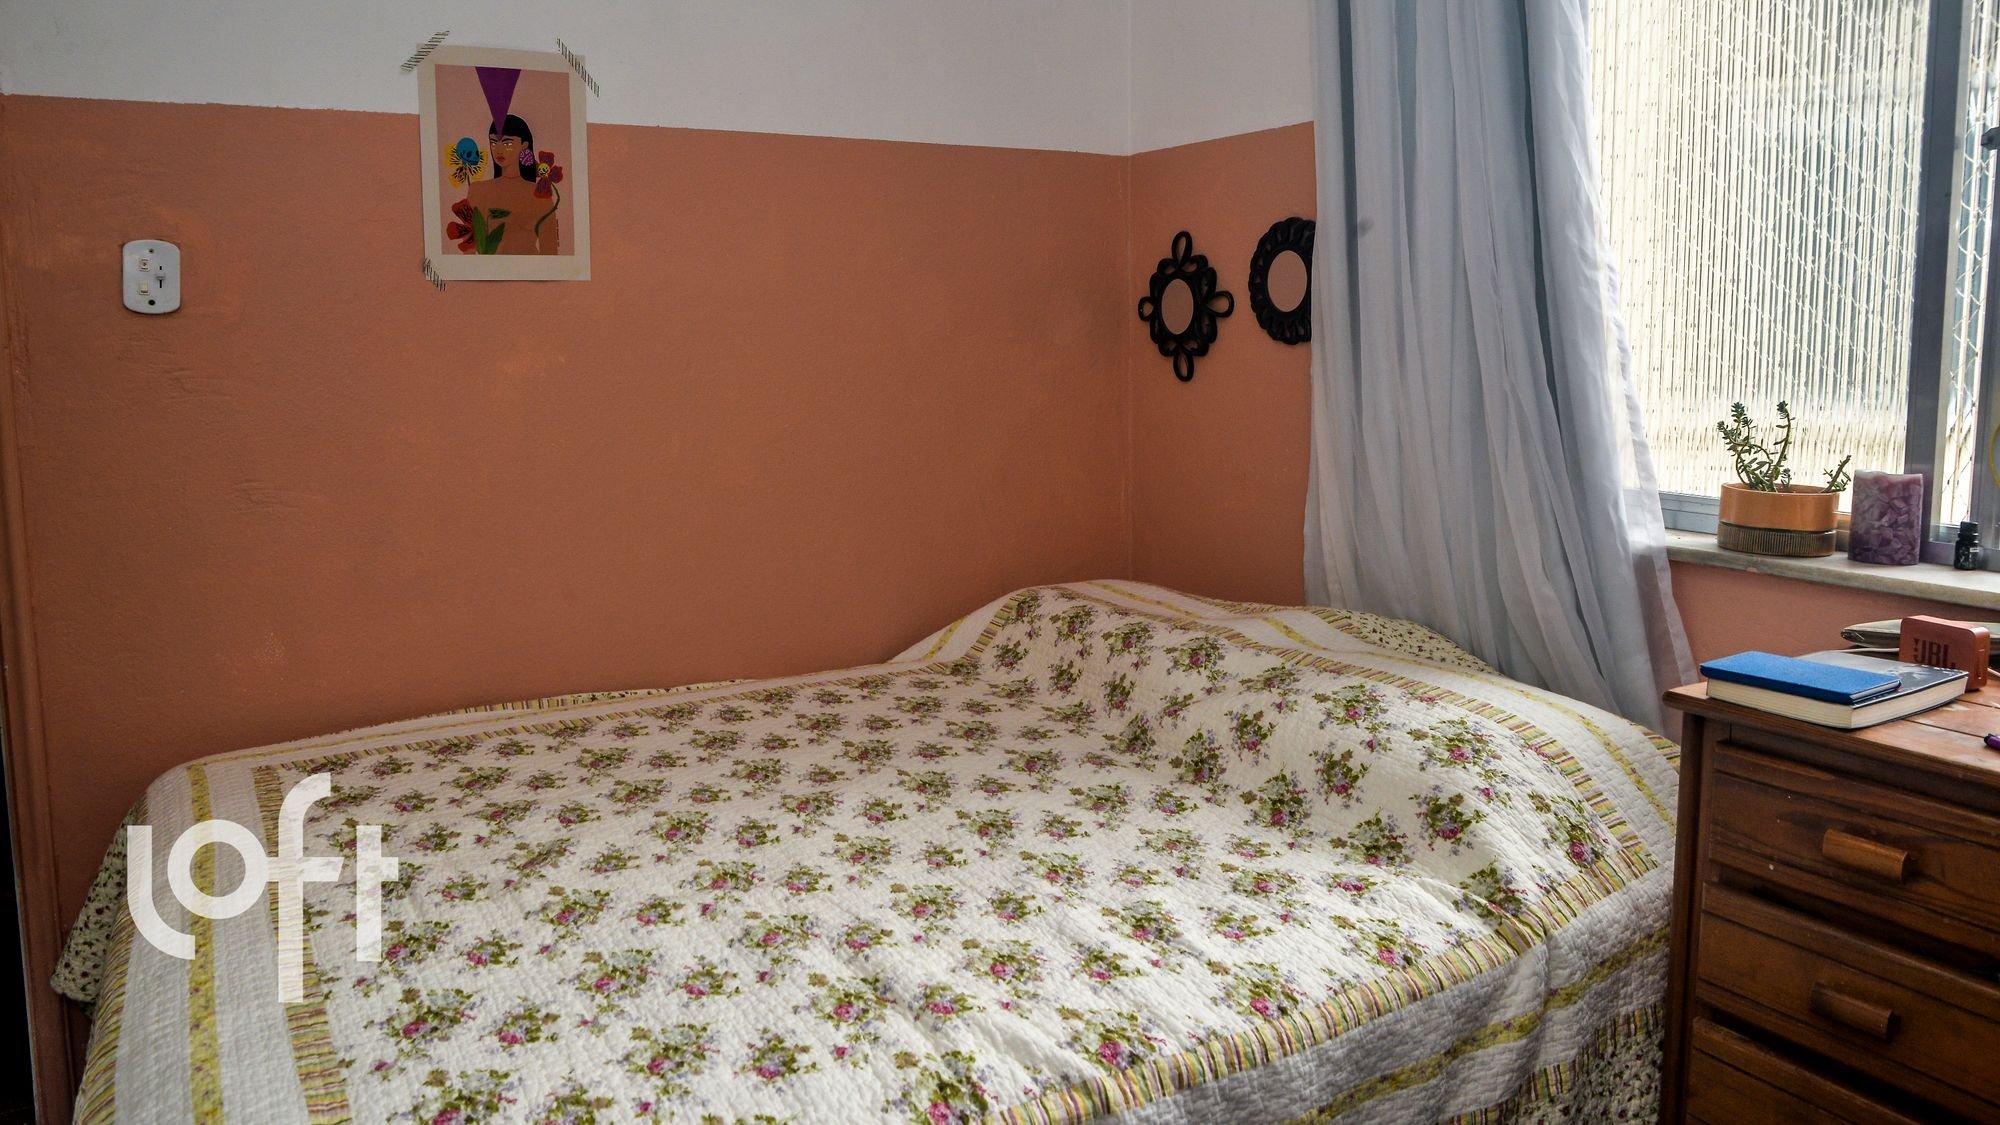 Foto de Quarto com cama, vaso de planta, livro